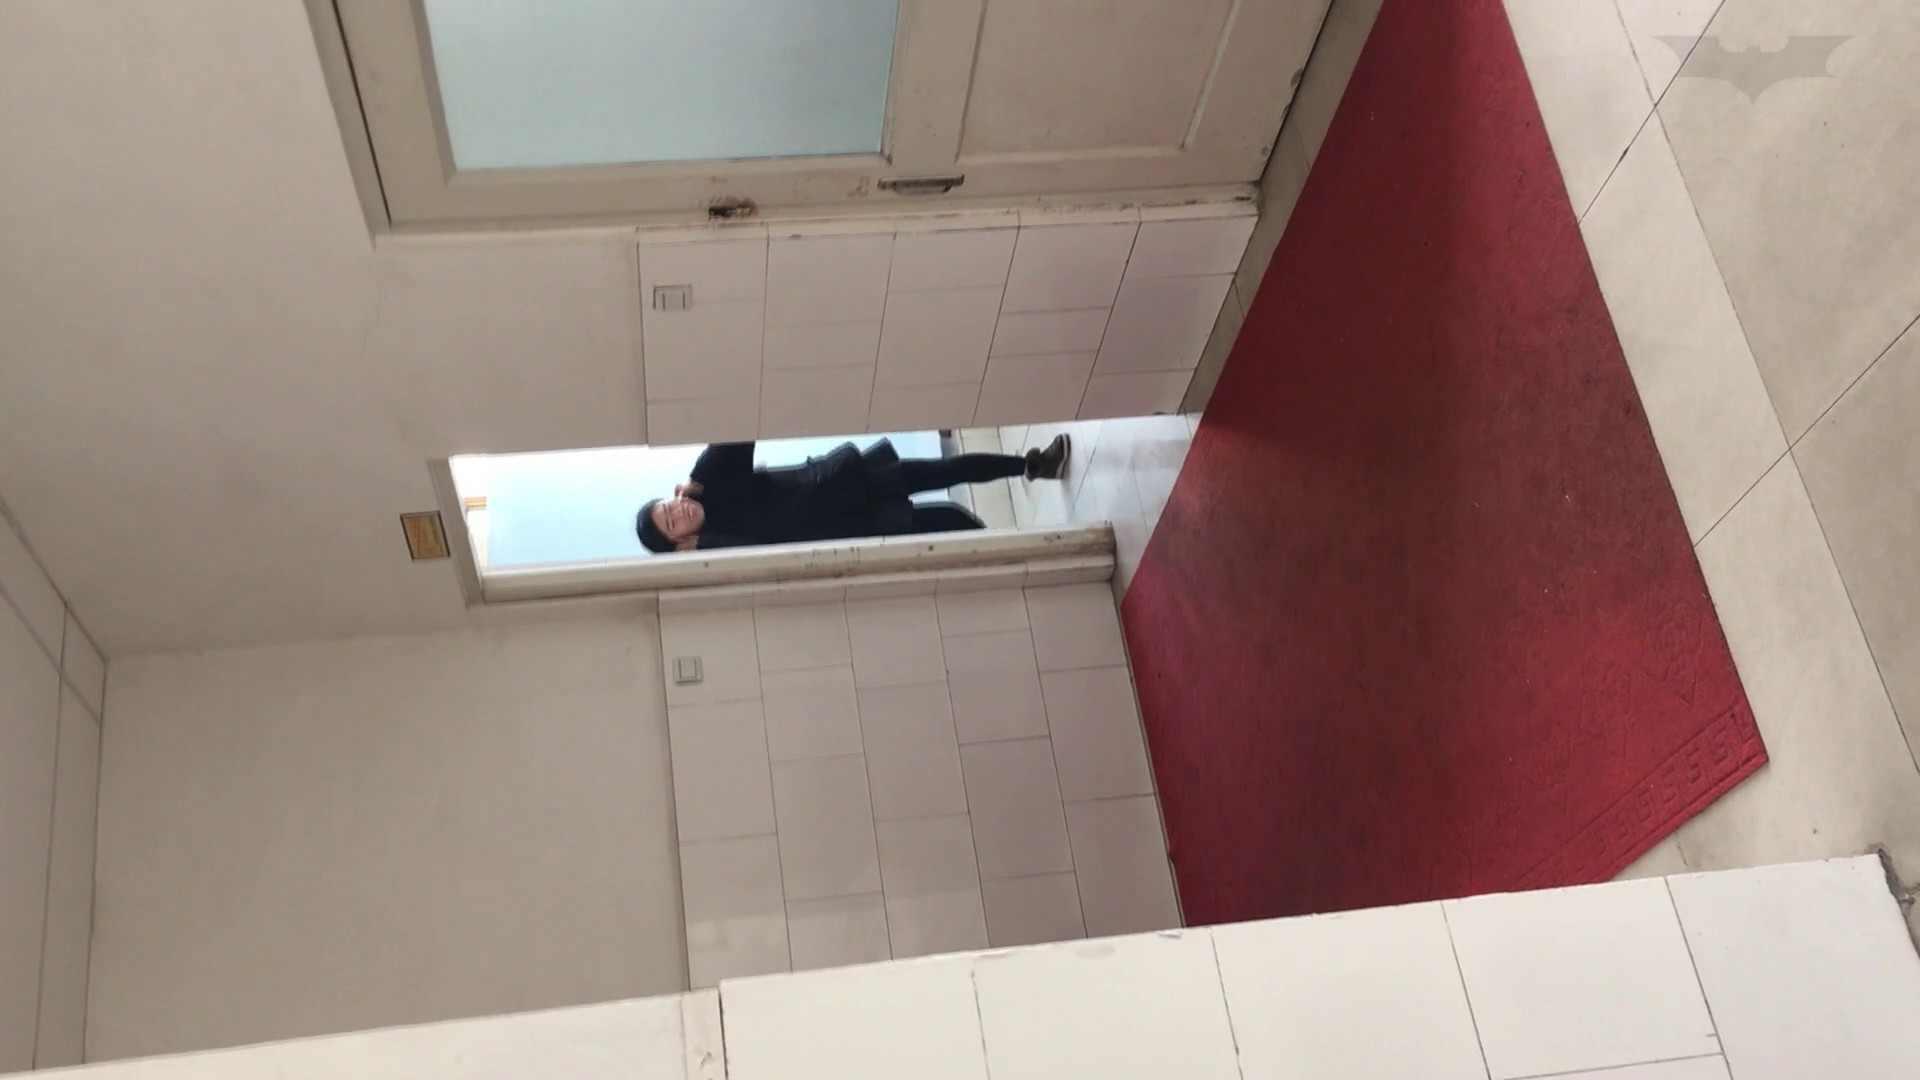 芸術大学ガチ潜入盗撮 JD盗撮 美女の洗面所の秘密 Vol.91 細身・スレンダー おまんこ動画流出 66画像 59